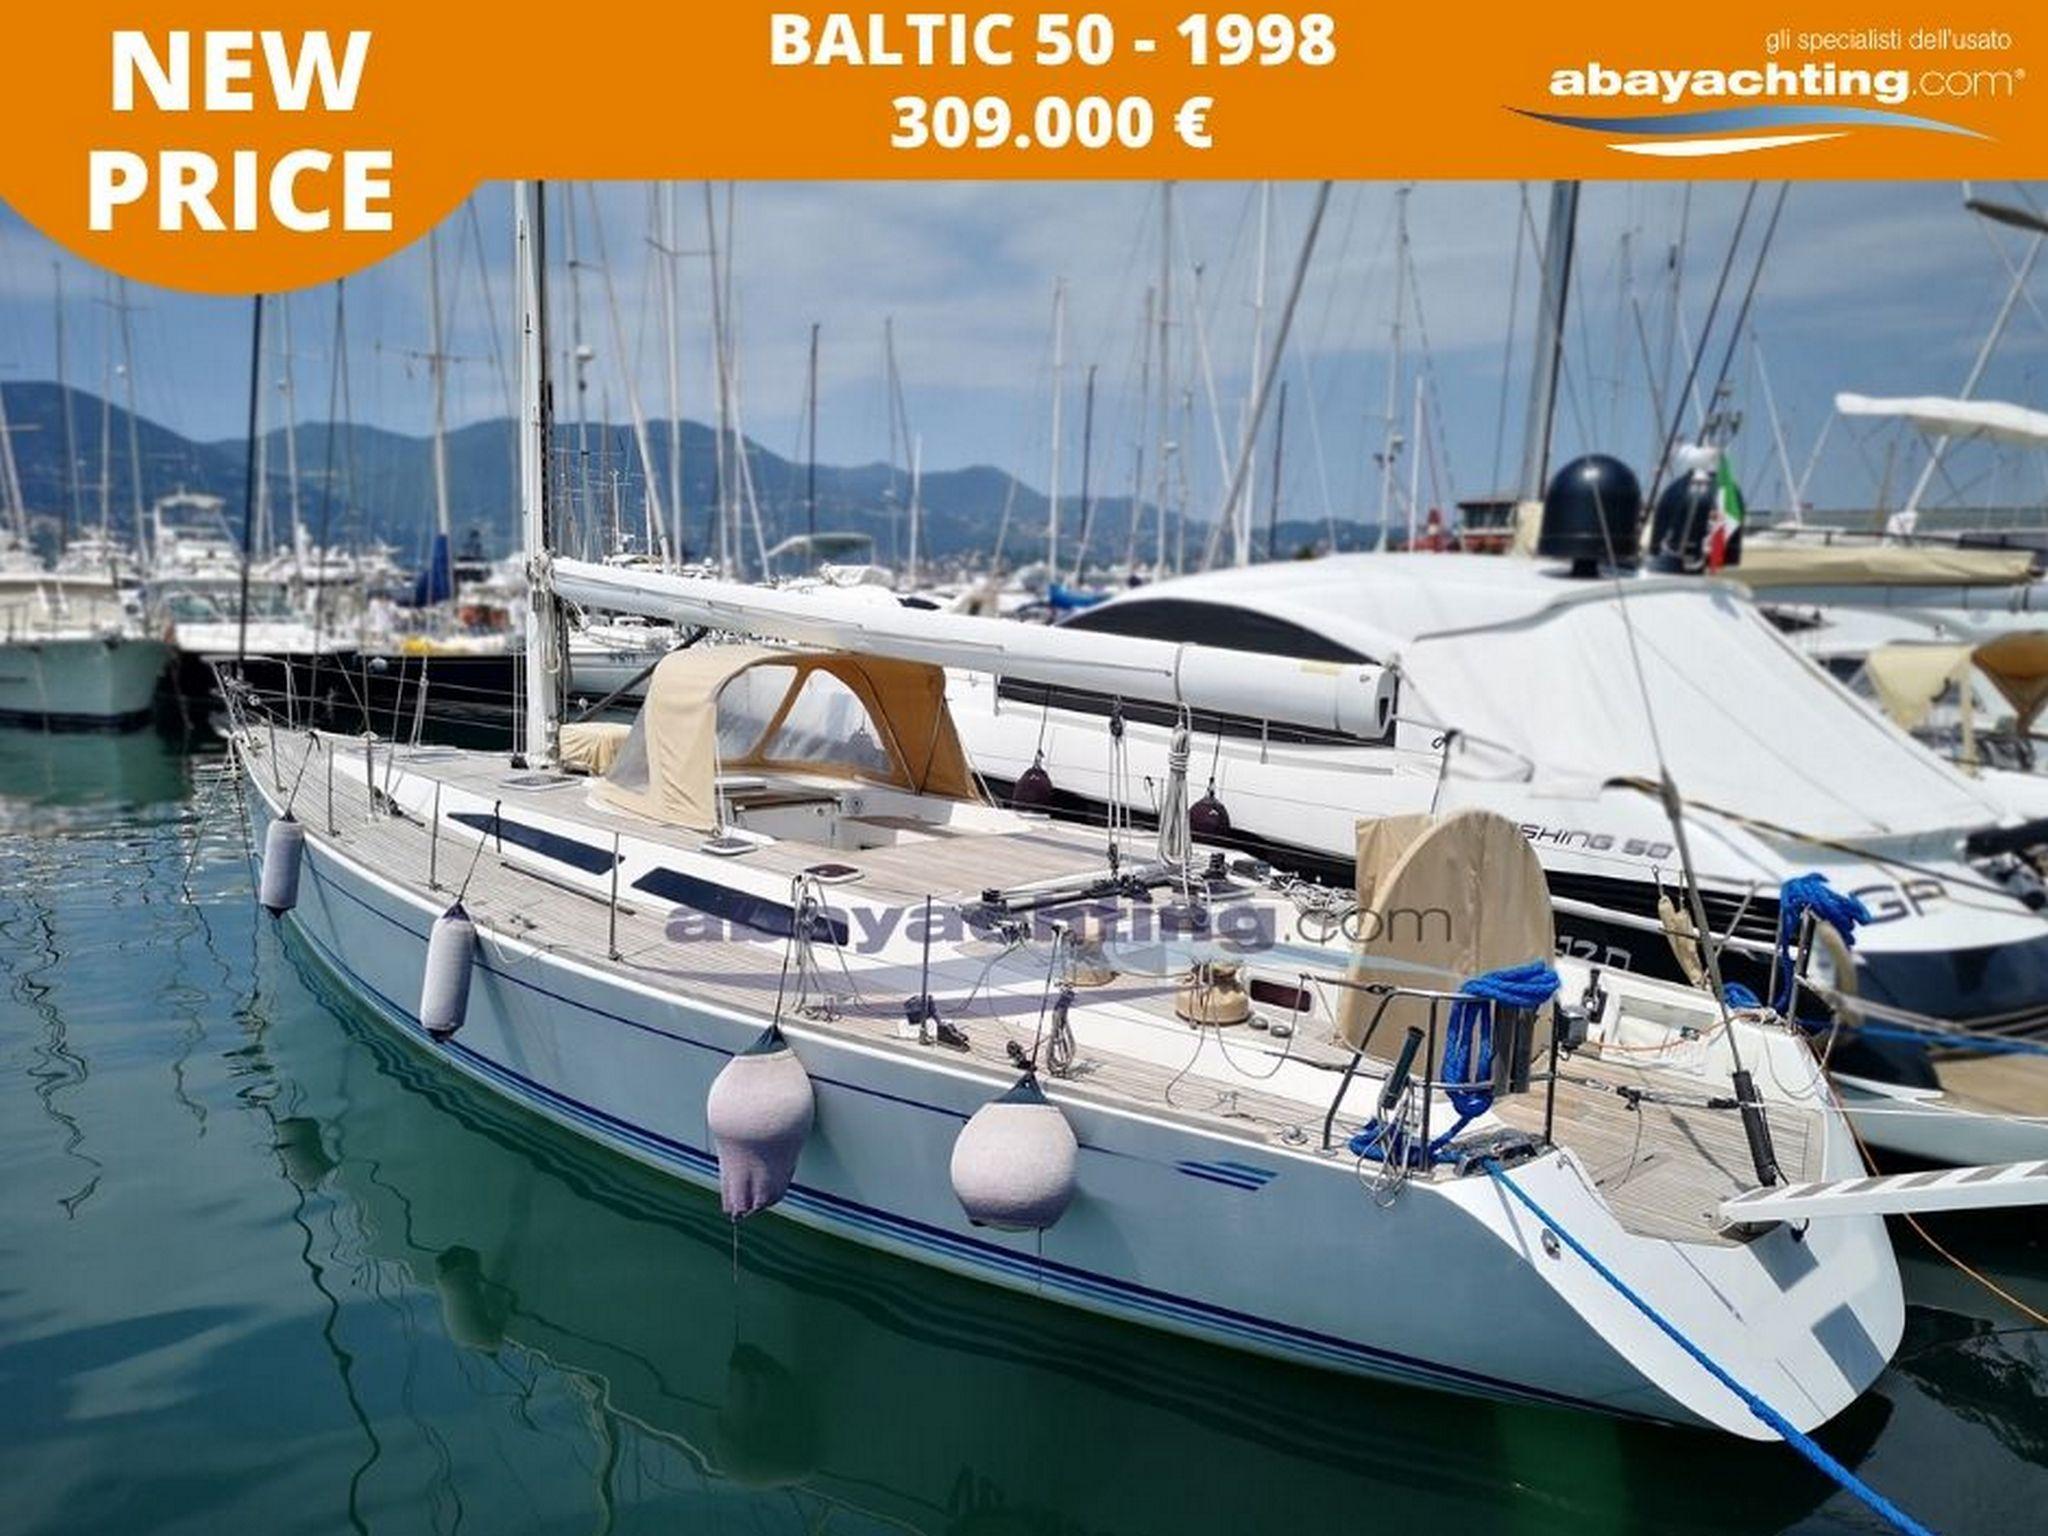 Riduzione di prezzo Baltic 50